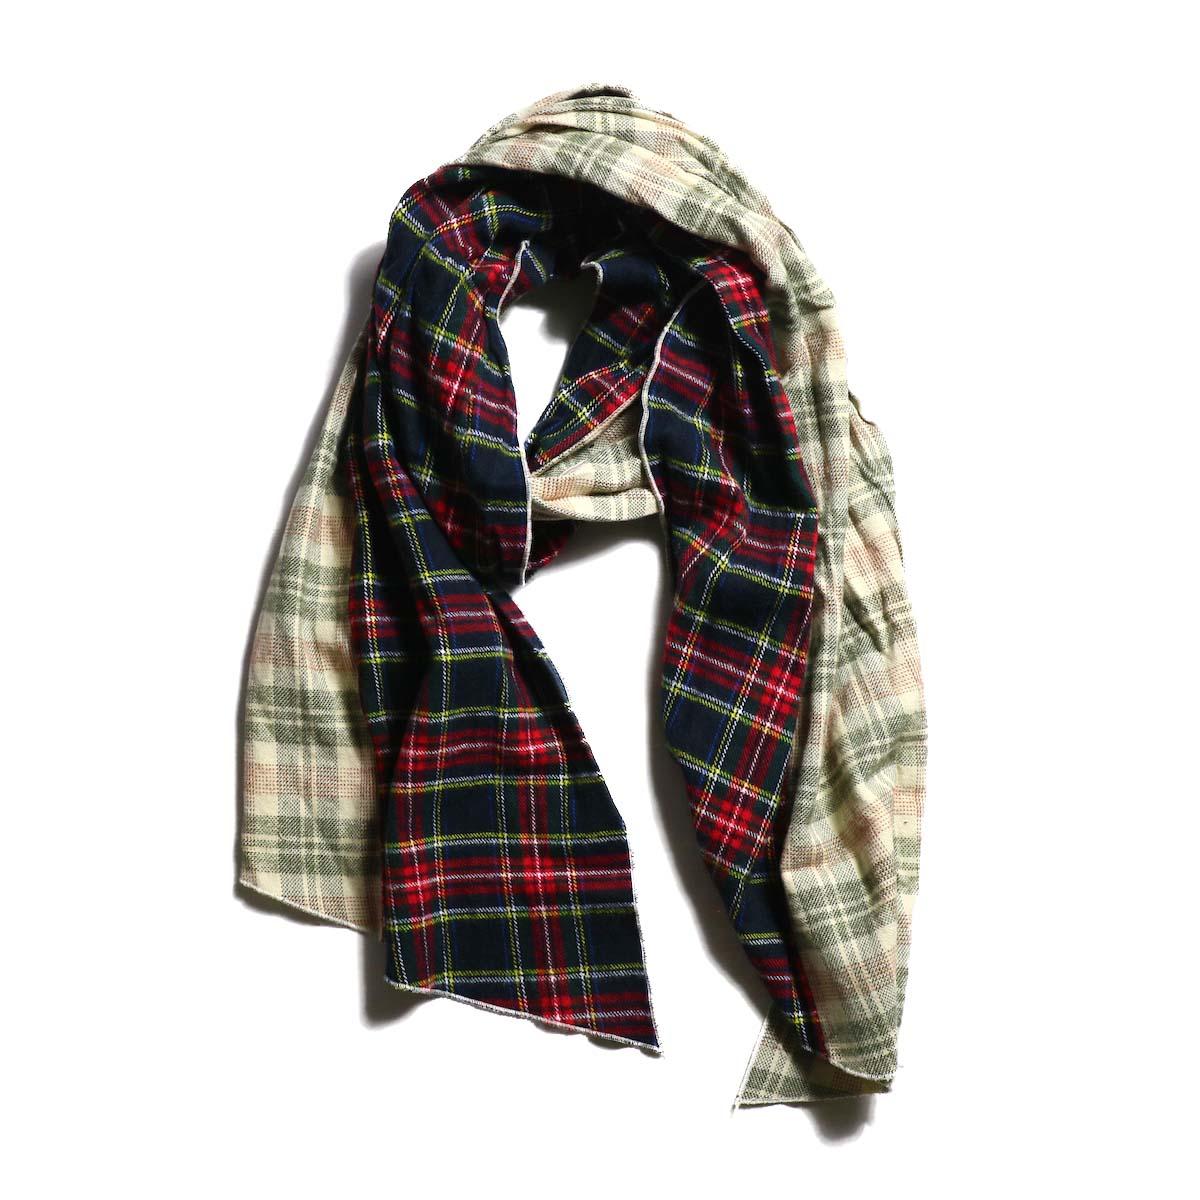 AiE / dls scarf - Cotton Flannel Plaid (Khaki×Olive)